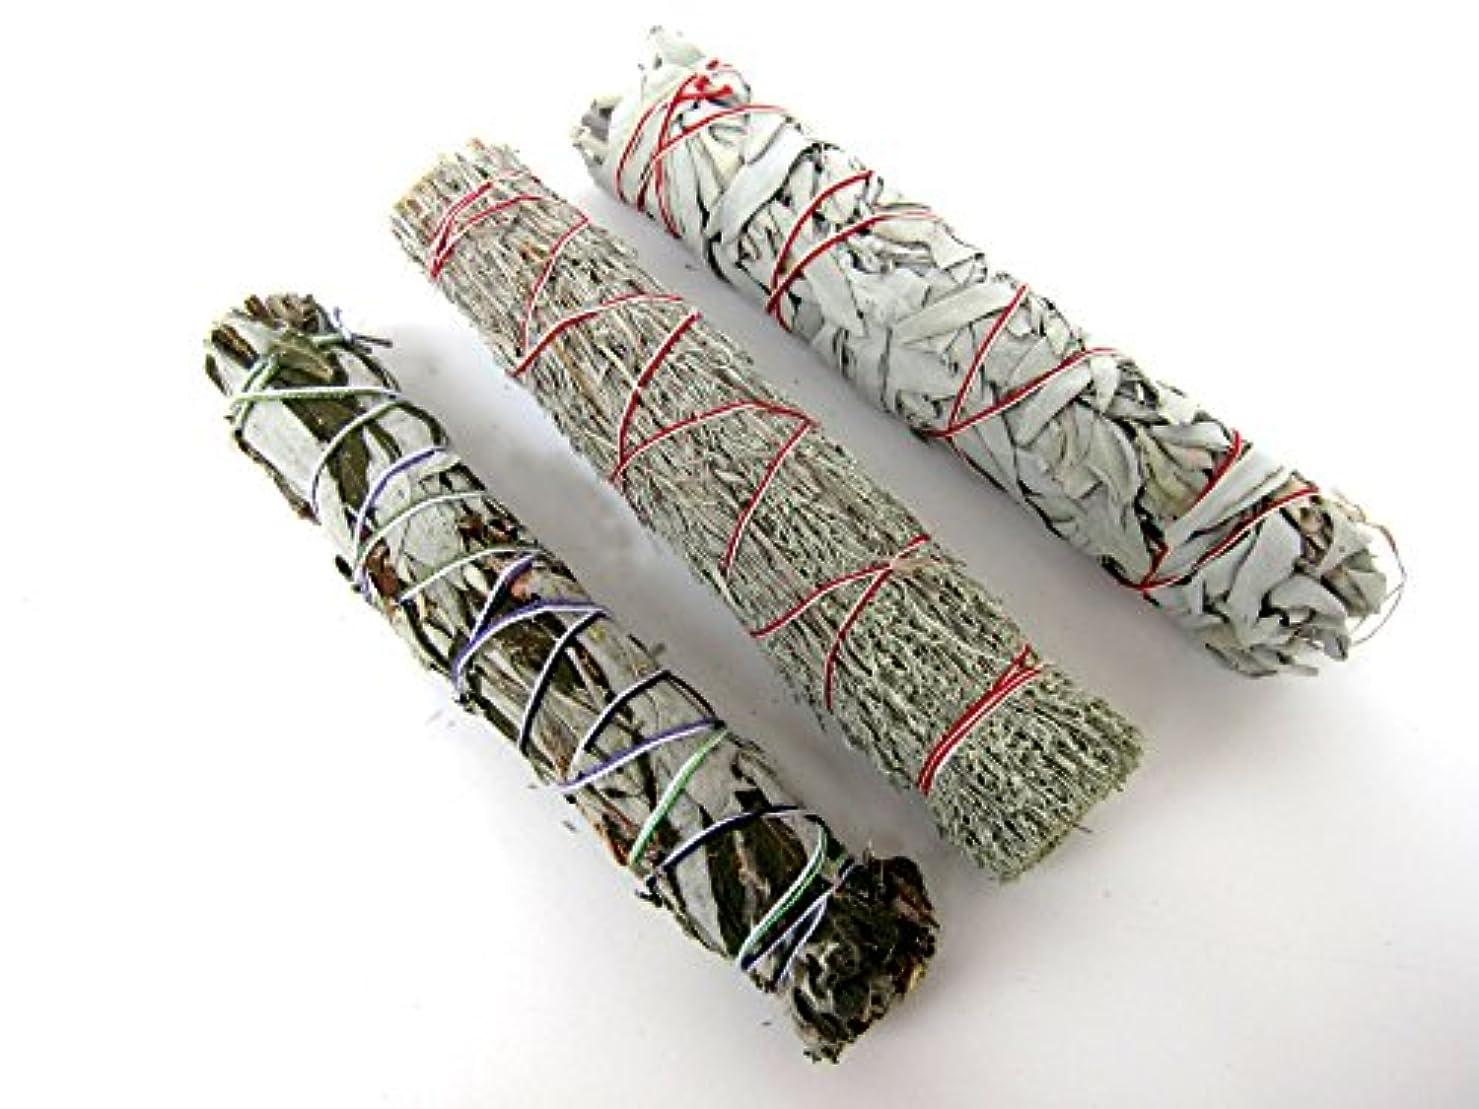 悲しいことに接触サイドボードセージSmudge Sticks Bundle of 3 SticksサンプラーセットLarge 8 – 9インチ